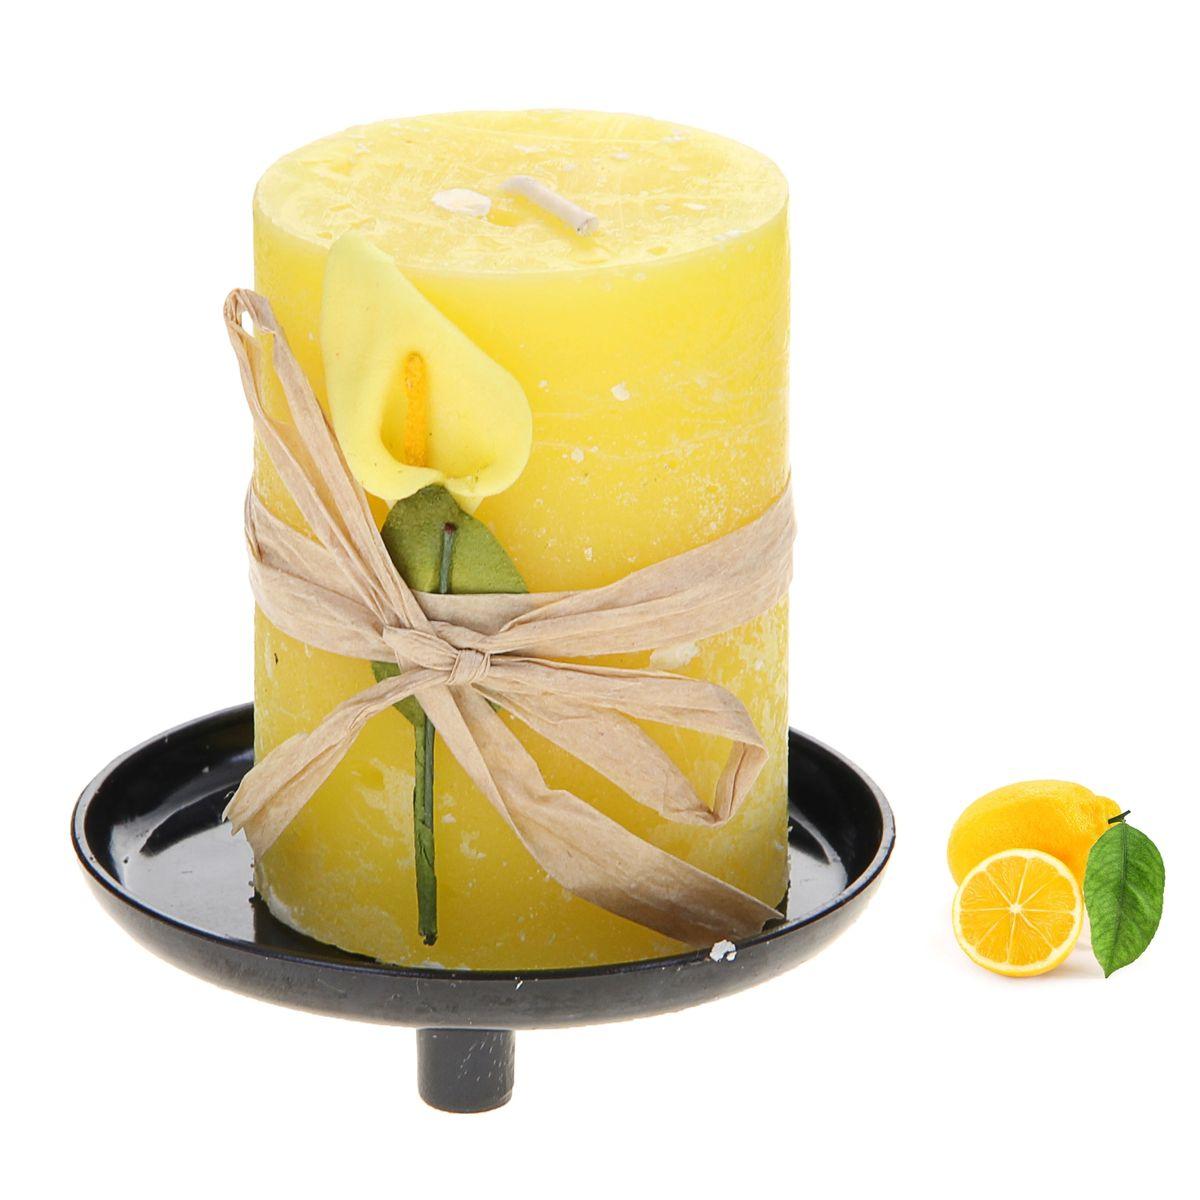 Свеча ароматизированная Sima-land Лимон, на подставке, высота 6 см907697Свеча Sima-land Лимон выполнена из воска в виде столбика. Свеча порадует ярким дизайном и сочным ароматом лимона, который понравится как женщинам, так и мужчинам. Изделие размещено на оригинальной пластиковой подставке. Создайте для себя и своих близких незабываемую атмосферу праздника в доме. Ароматическая свеча Sima-land Лимон раскрасит серые будни яркими красками. Высота свечи (без учета подставки): 6 см. Высота подставки: 1,5 см.